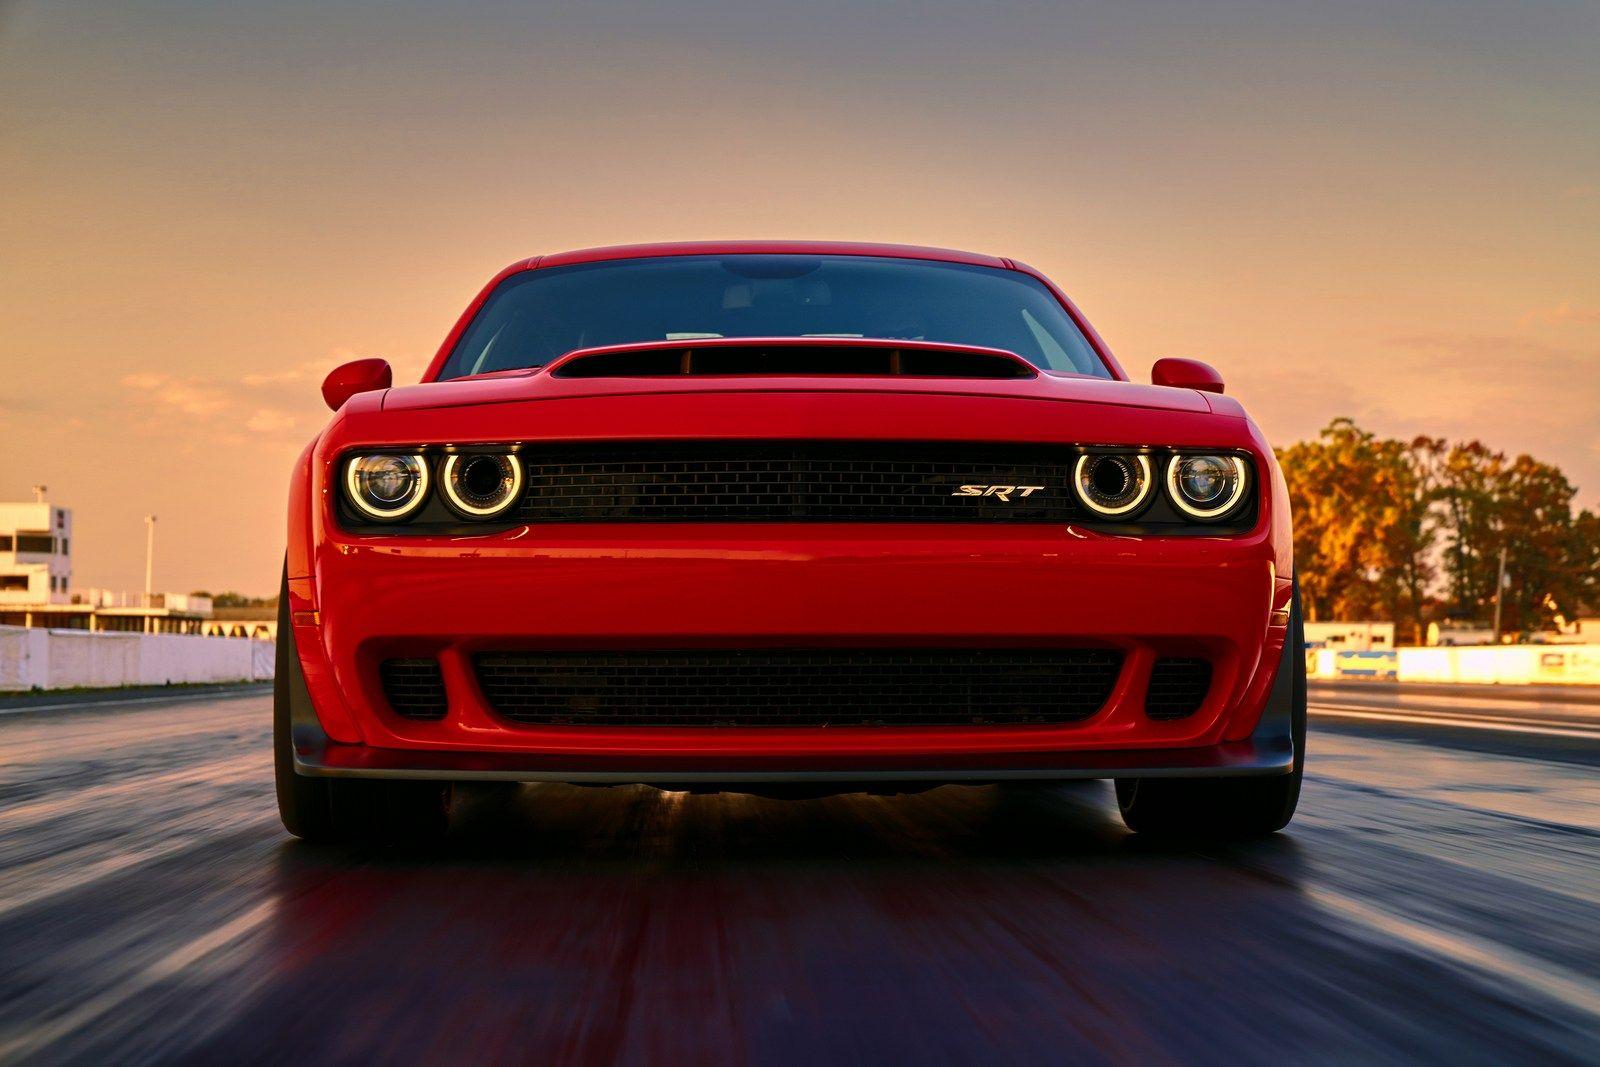 تطور سيارة كهربائية عالية الأداء - التايمز | دودج تطور سيارة كهربائية عالية الأداء وتدخل المنافسة مع سيارات تسلا